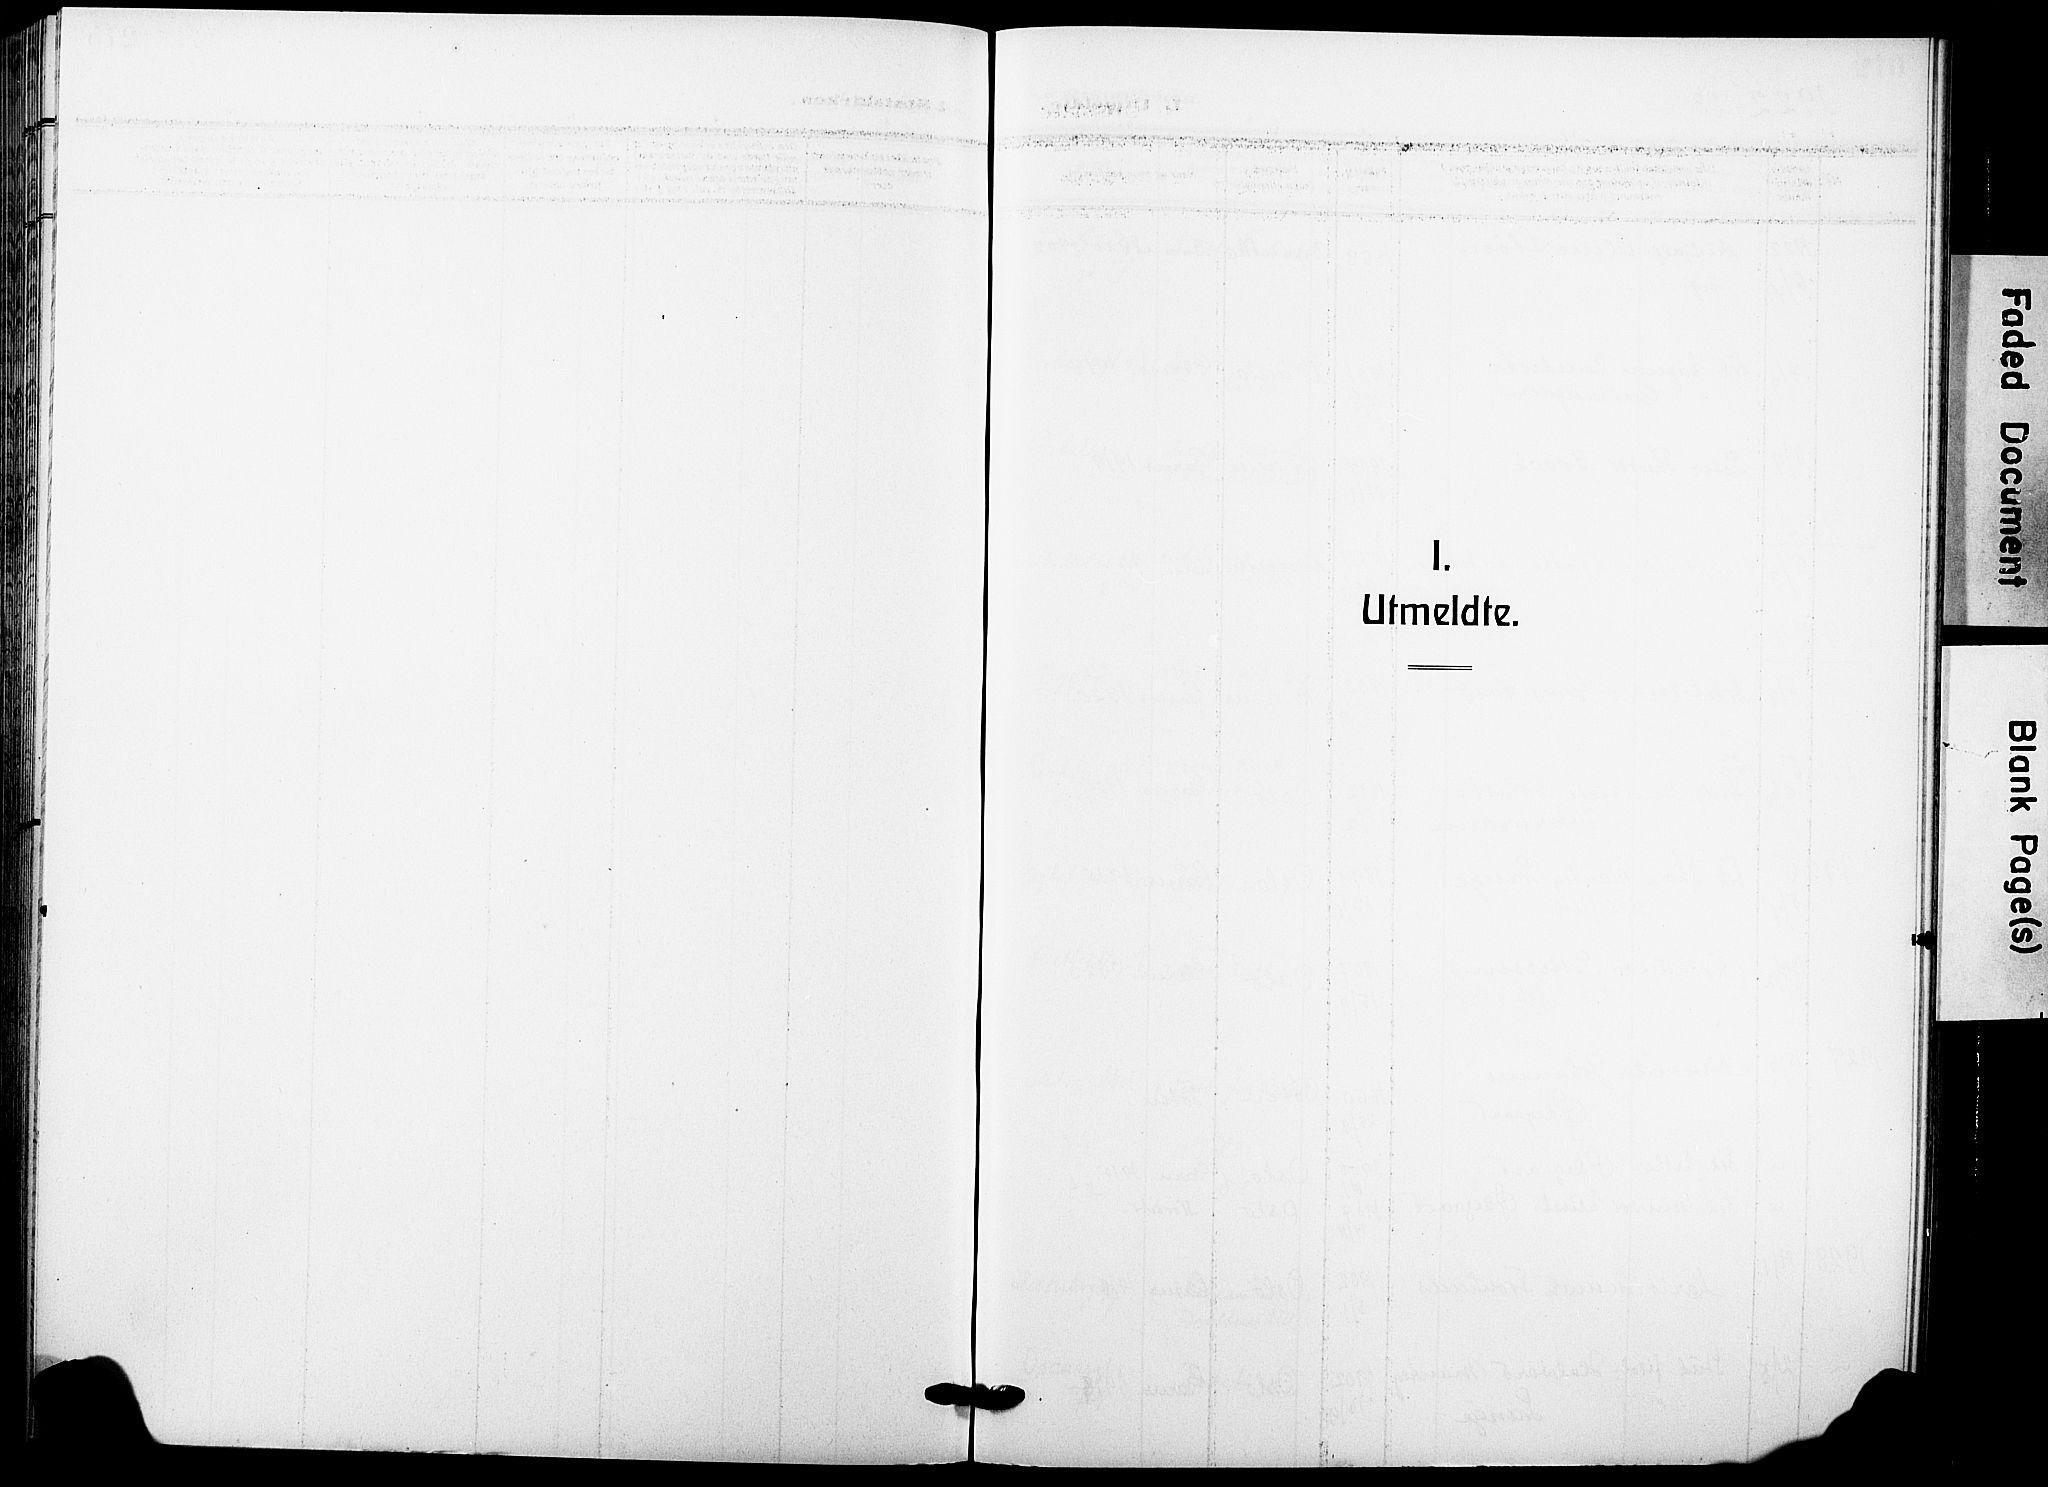 SAO, Garnisonsmenigheten Kirkebøker, F/Fa/L0016: Parish register (official) no. 16, 1922-1930